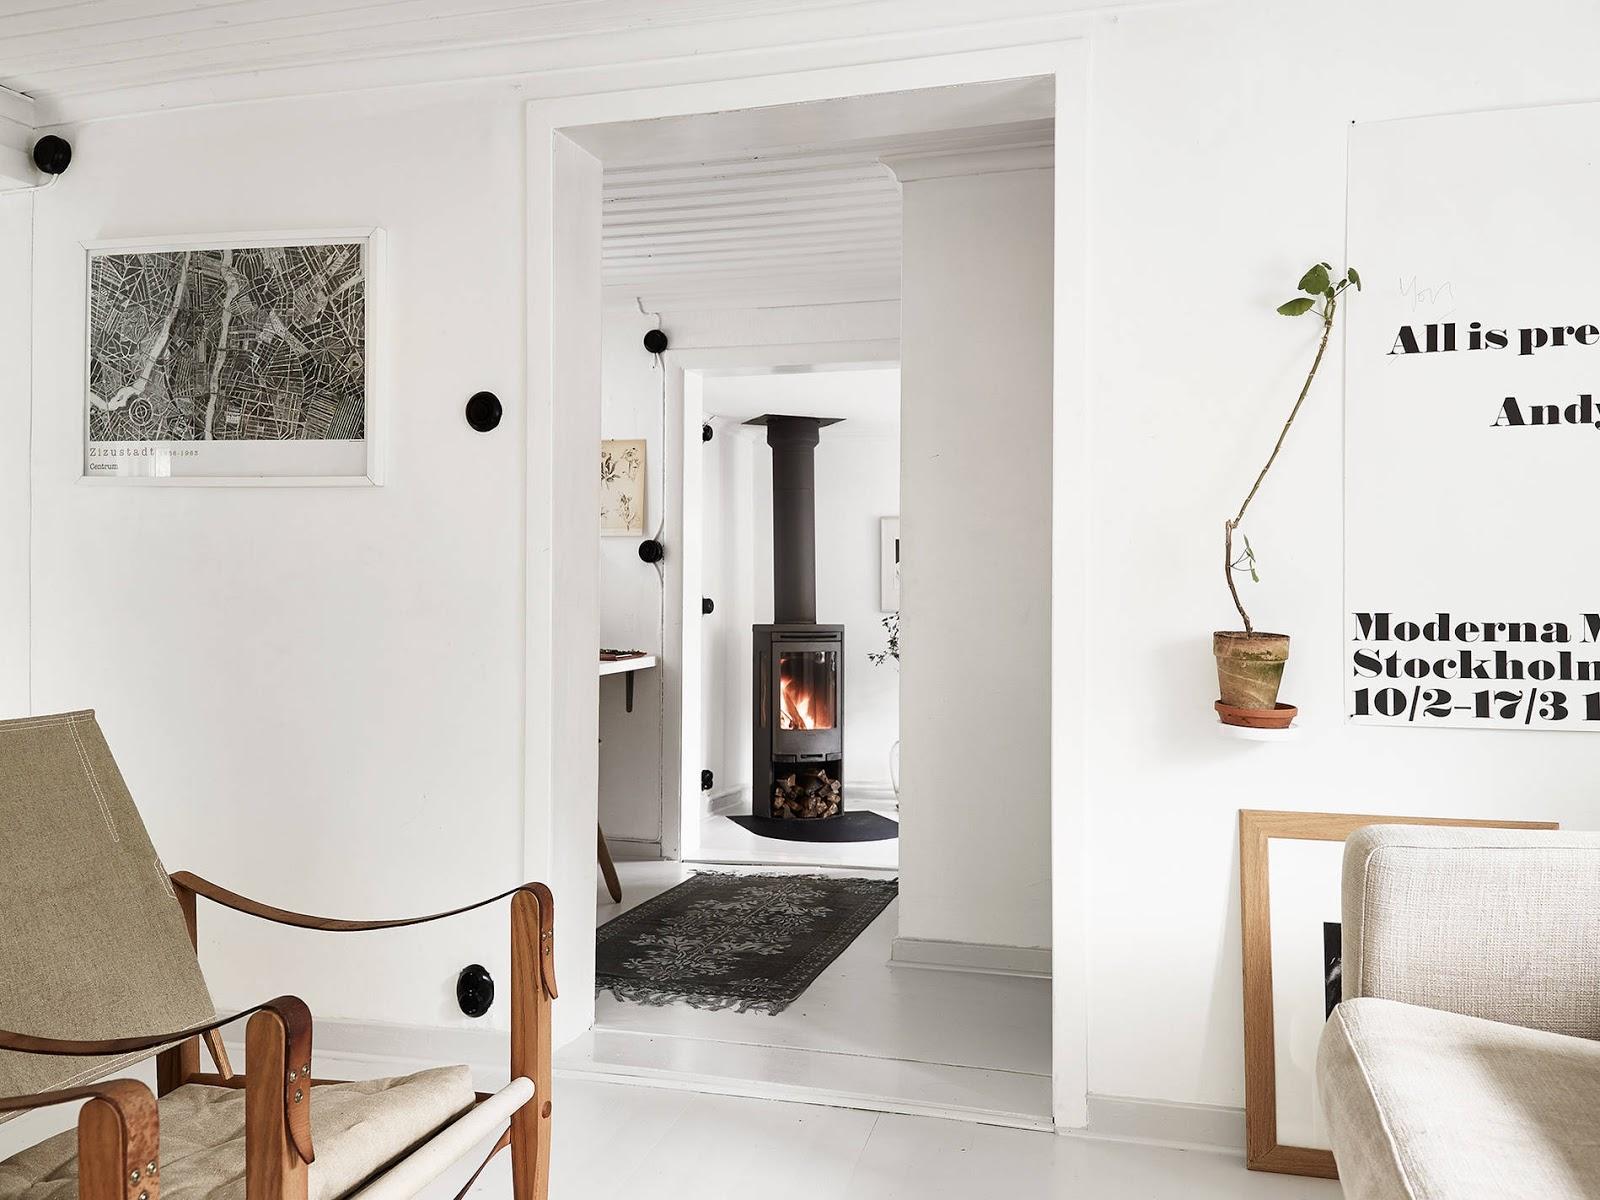 волшебный дом, интерьеры, вдохновляющие интерьеры